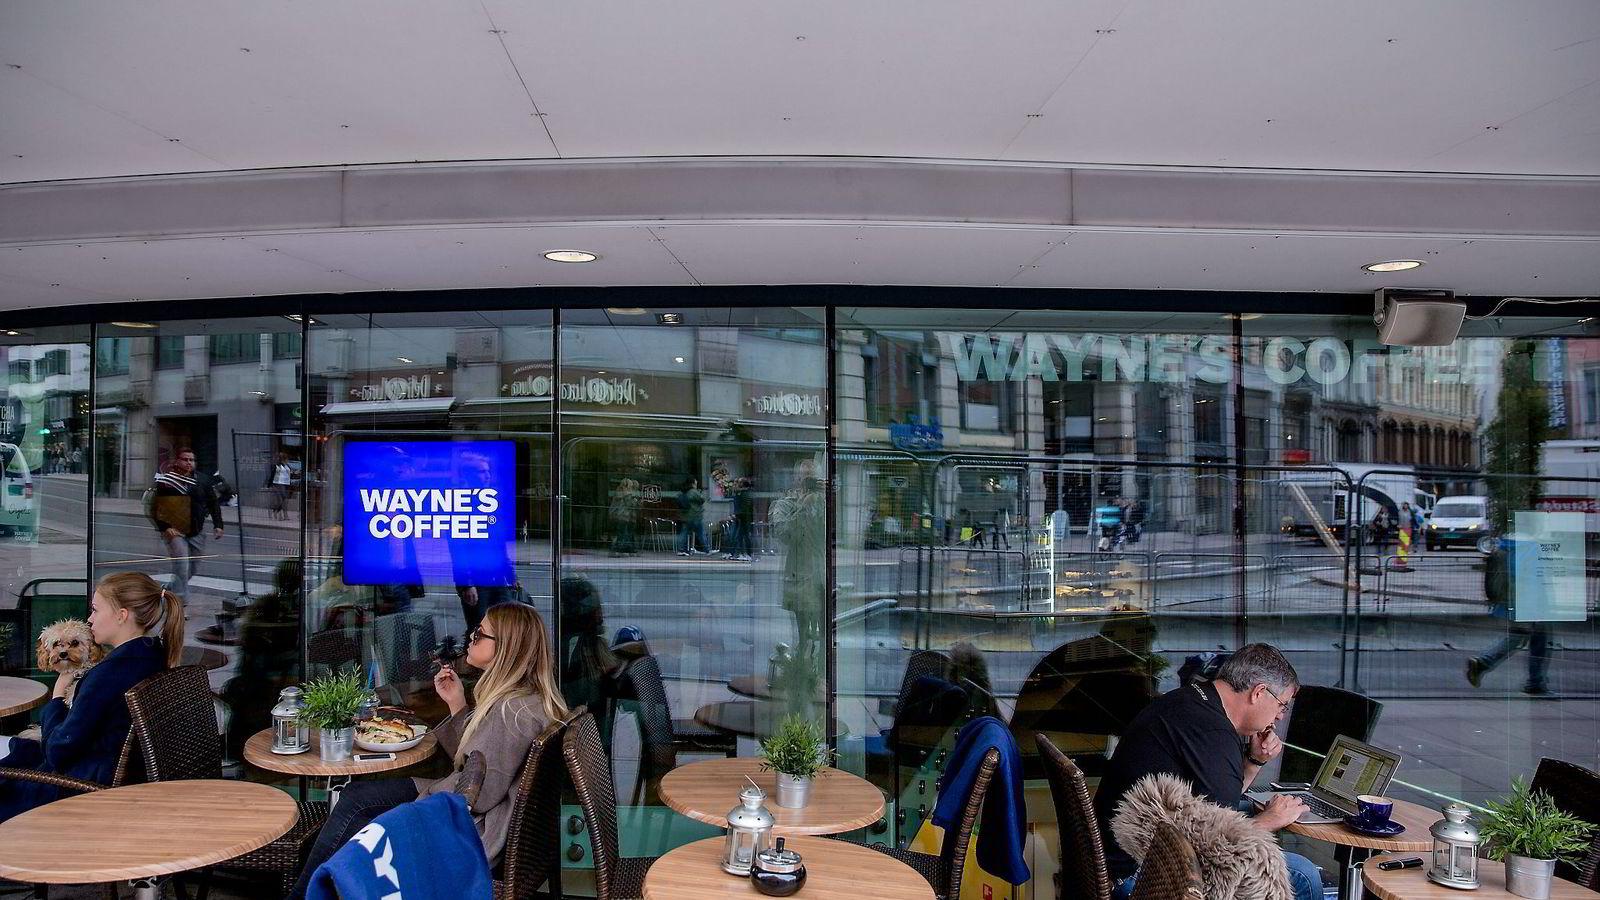 Selvaag-familien er den desidert største eieren bak selskapet som sitter med rettighetene til Wayne's coffee i Norge. Her fra Wayne's coffee i Grensen i Oslo, hvor kaffebarene ligger på rad og rekke. Foto: Fredrik Bjerknes